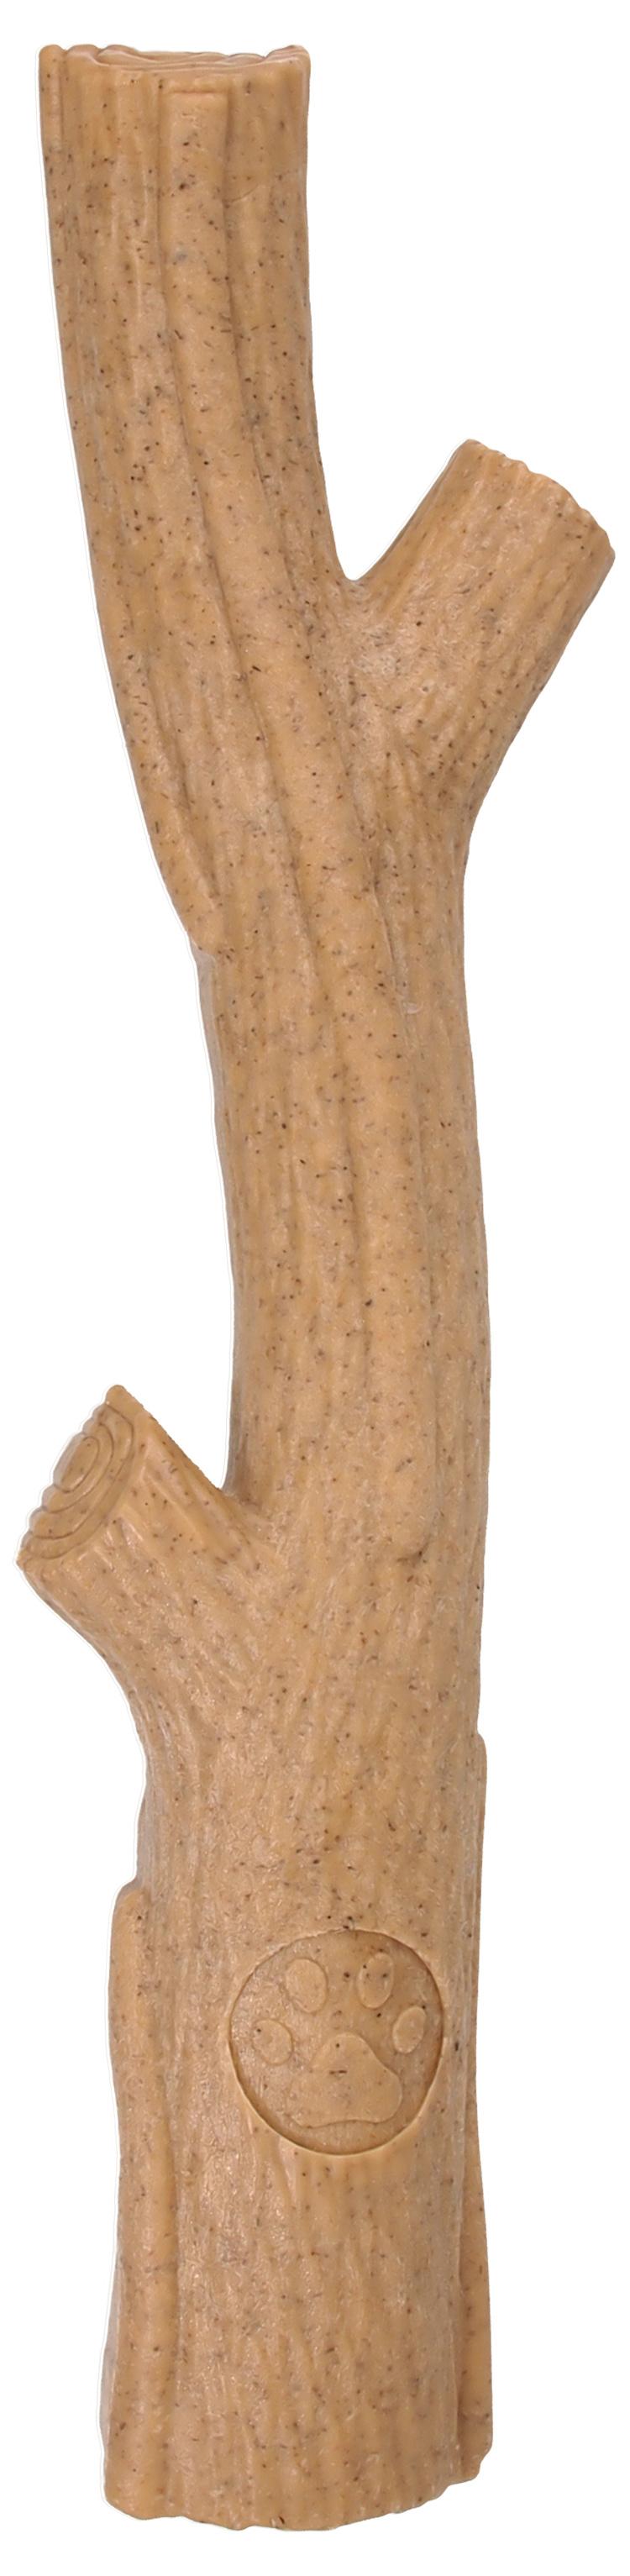 Hračka žvýkací Mr. Dental Bambone klacek kuřecí L